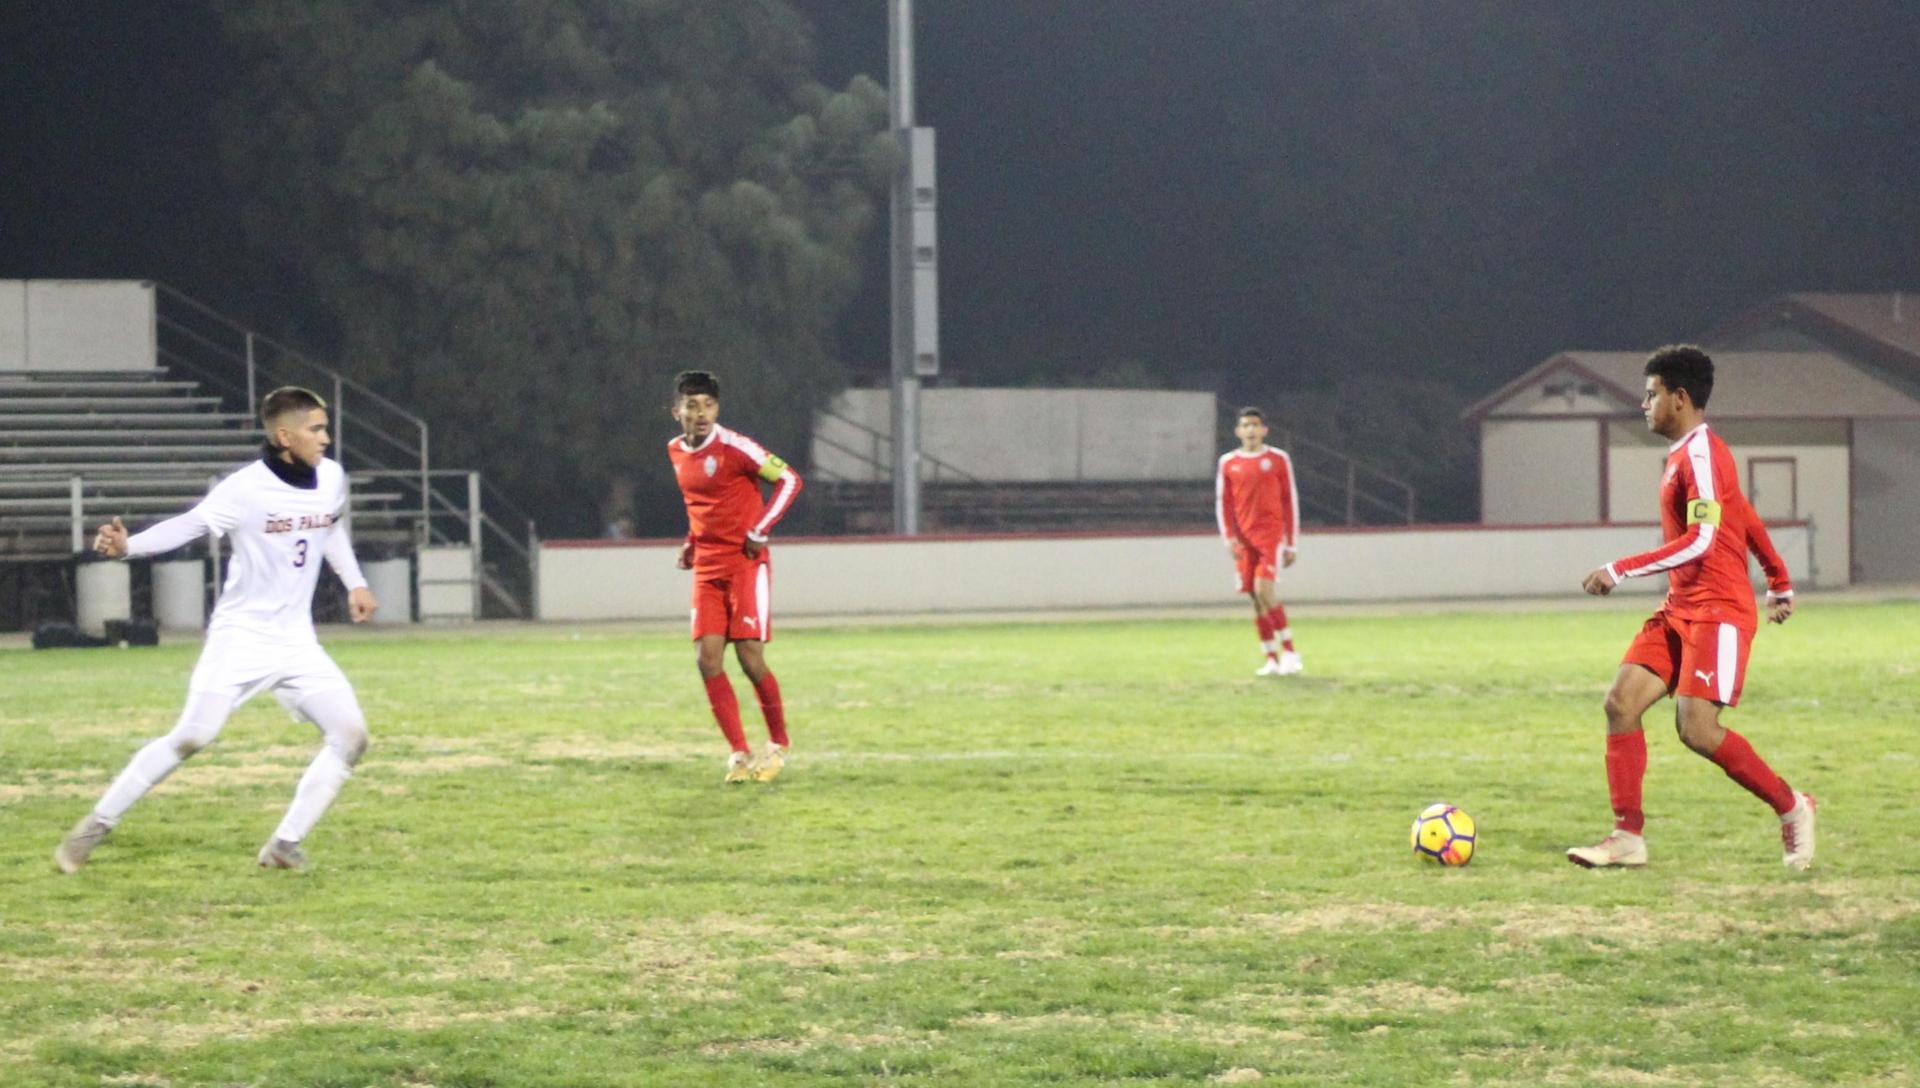 Antonio Ochoa with the Ball